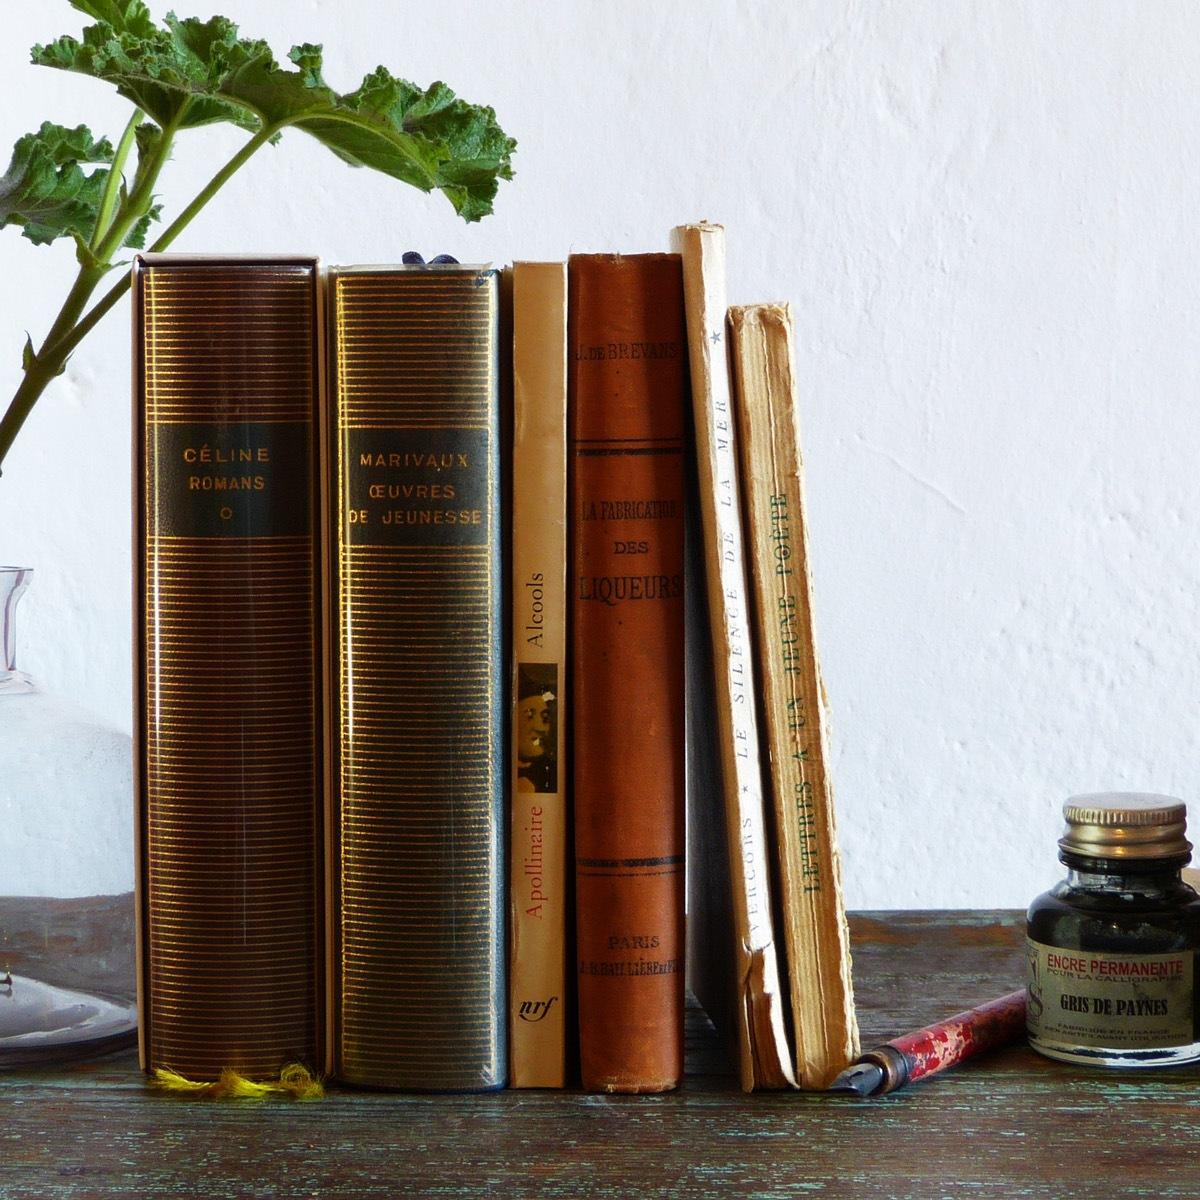 Livres insolites - Atelier Dans les Yeux de Lucie